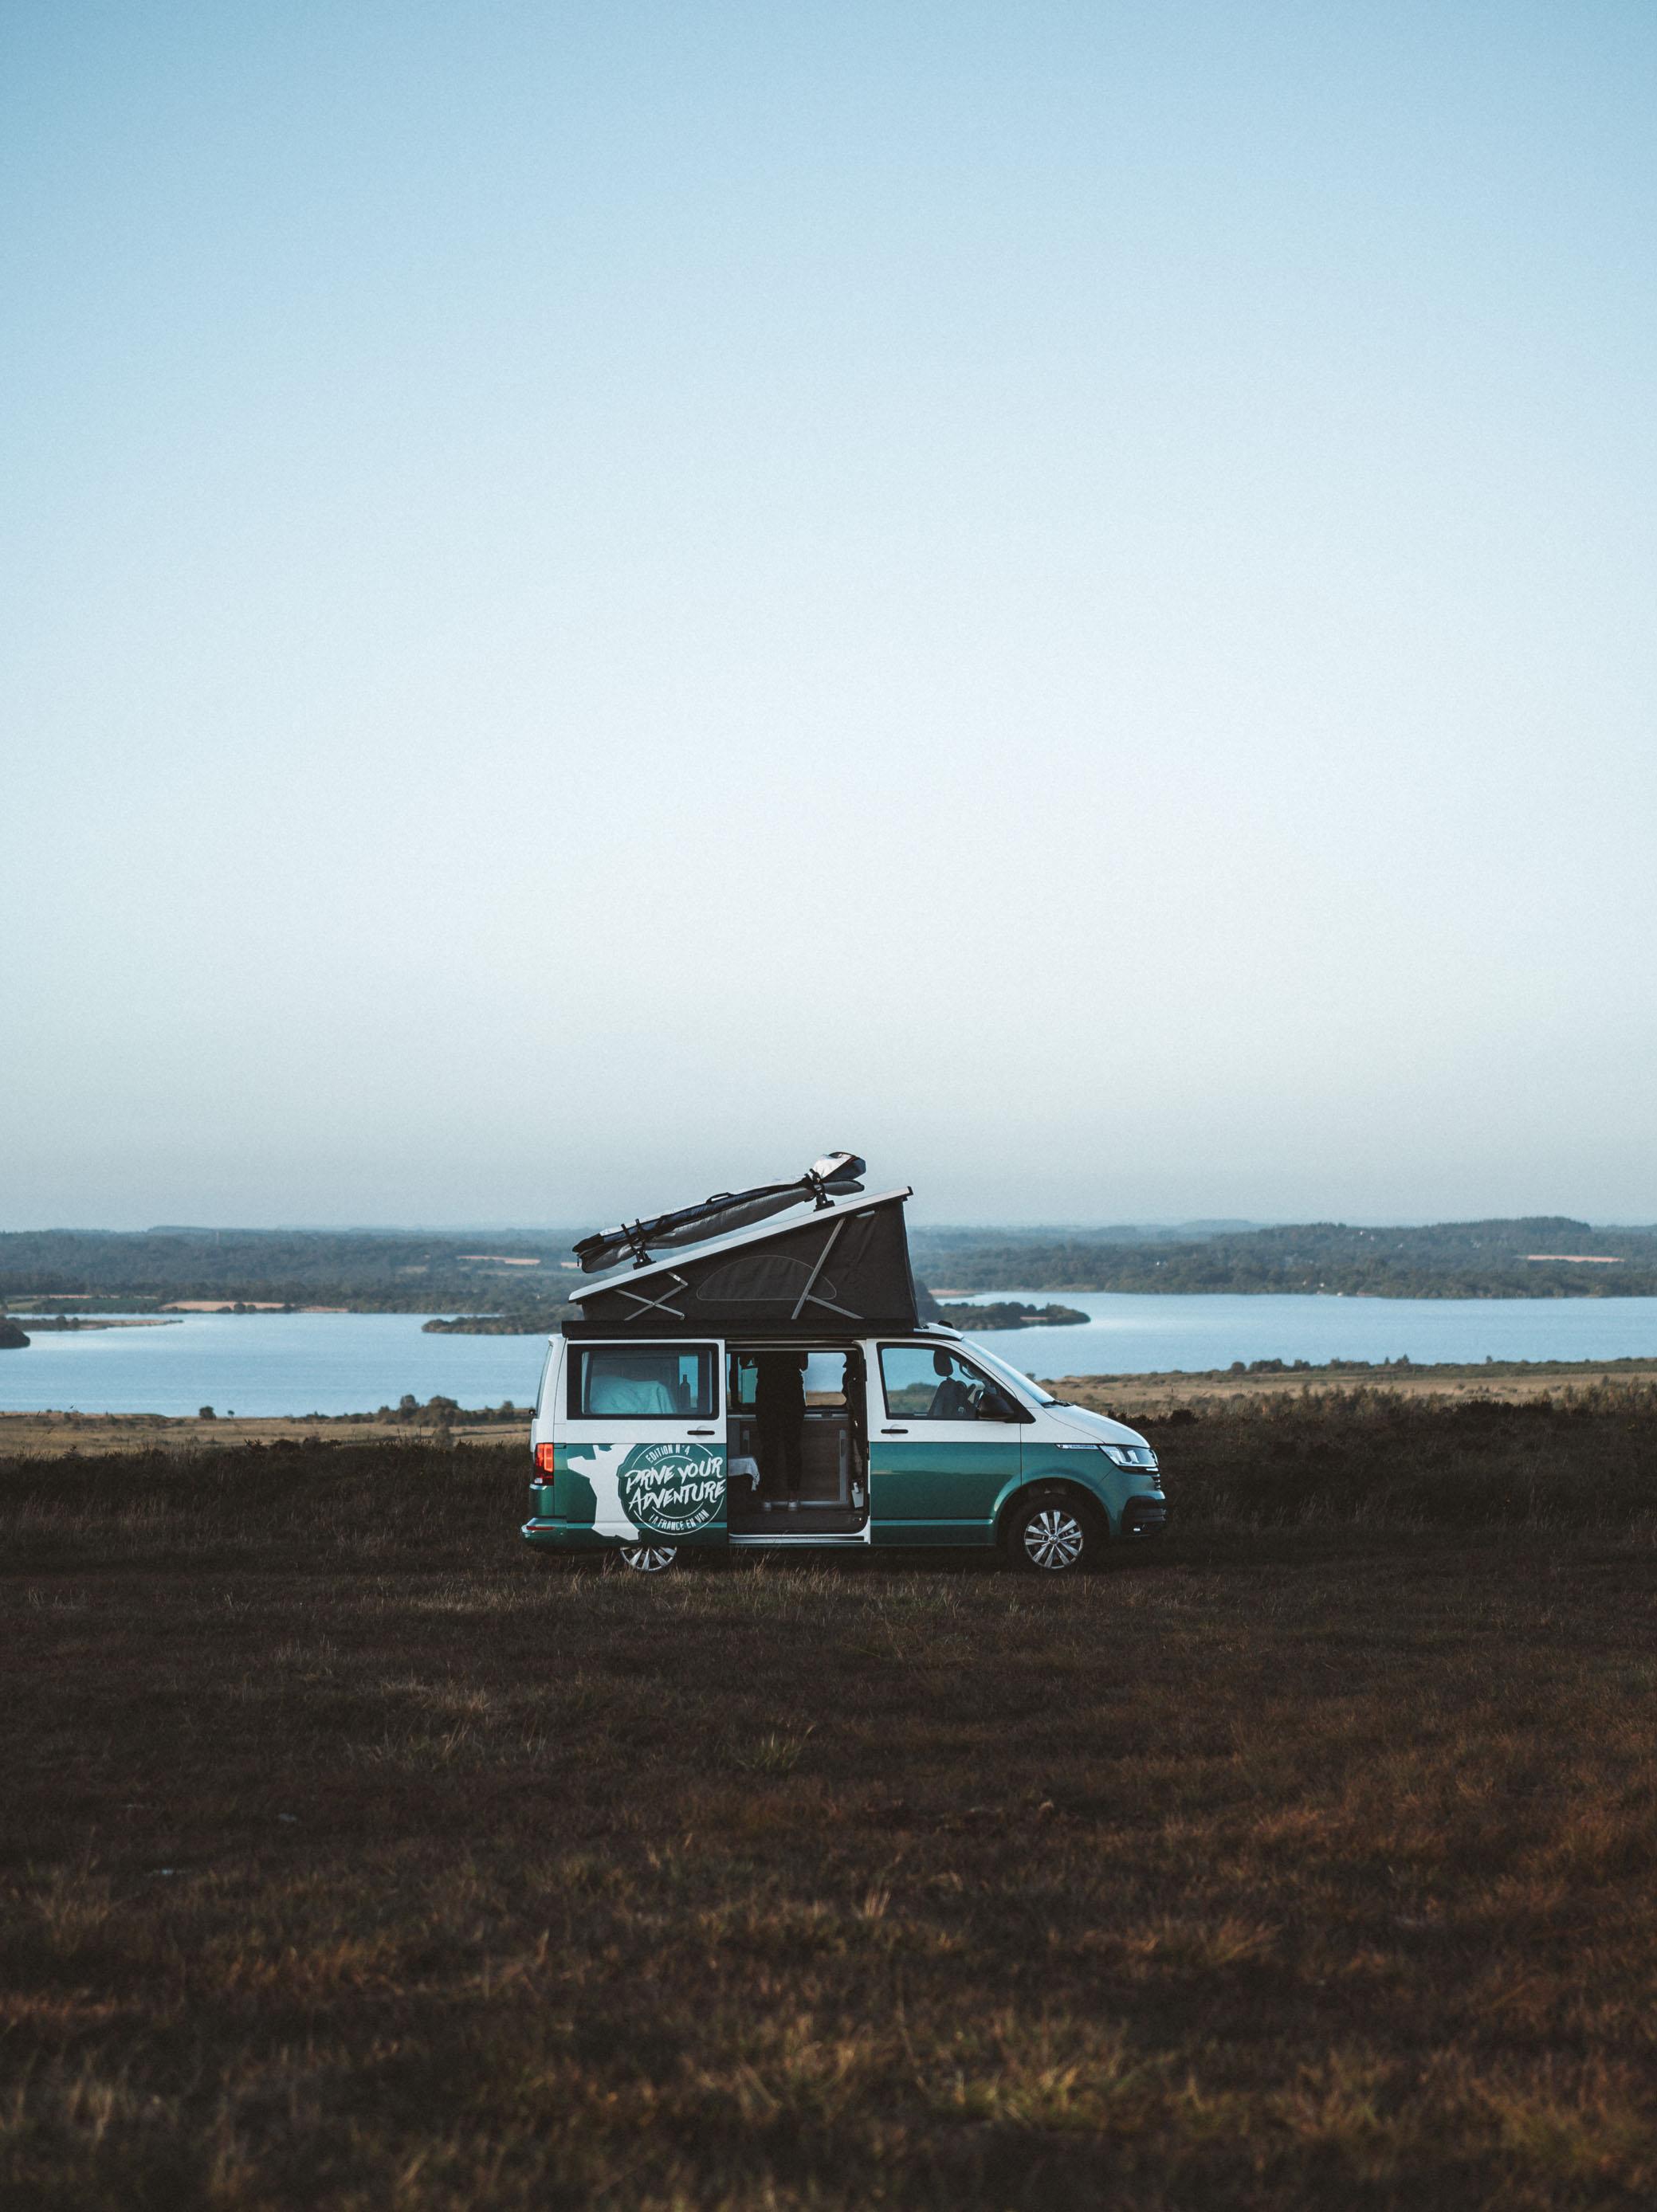 recette-vanlife-driveyouradventure